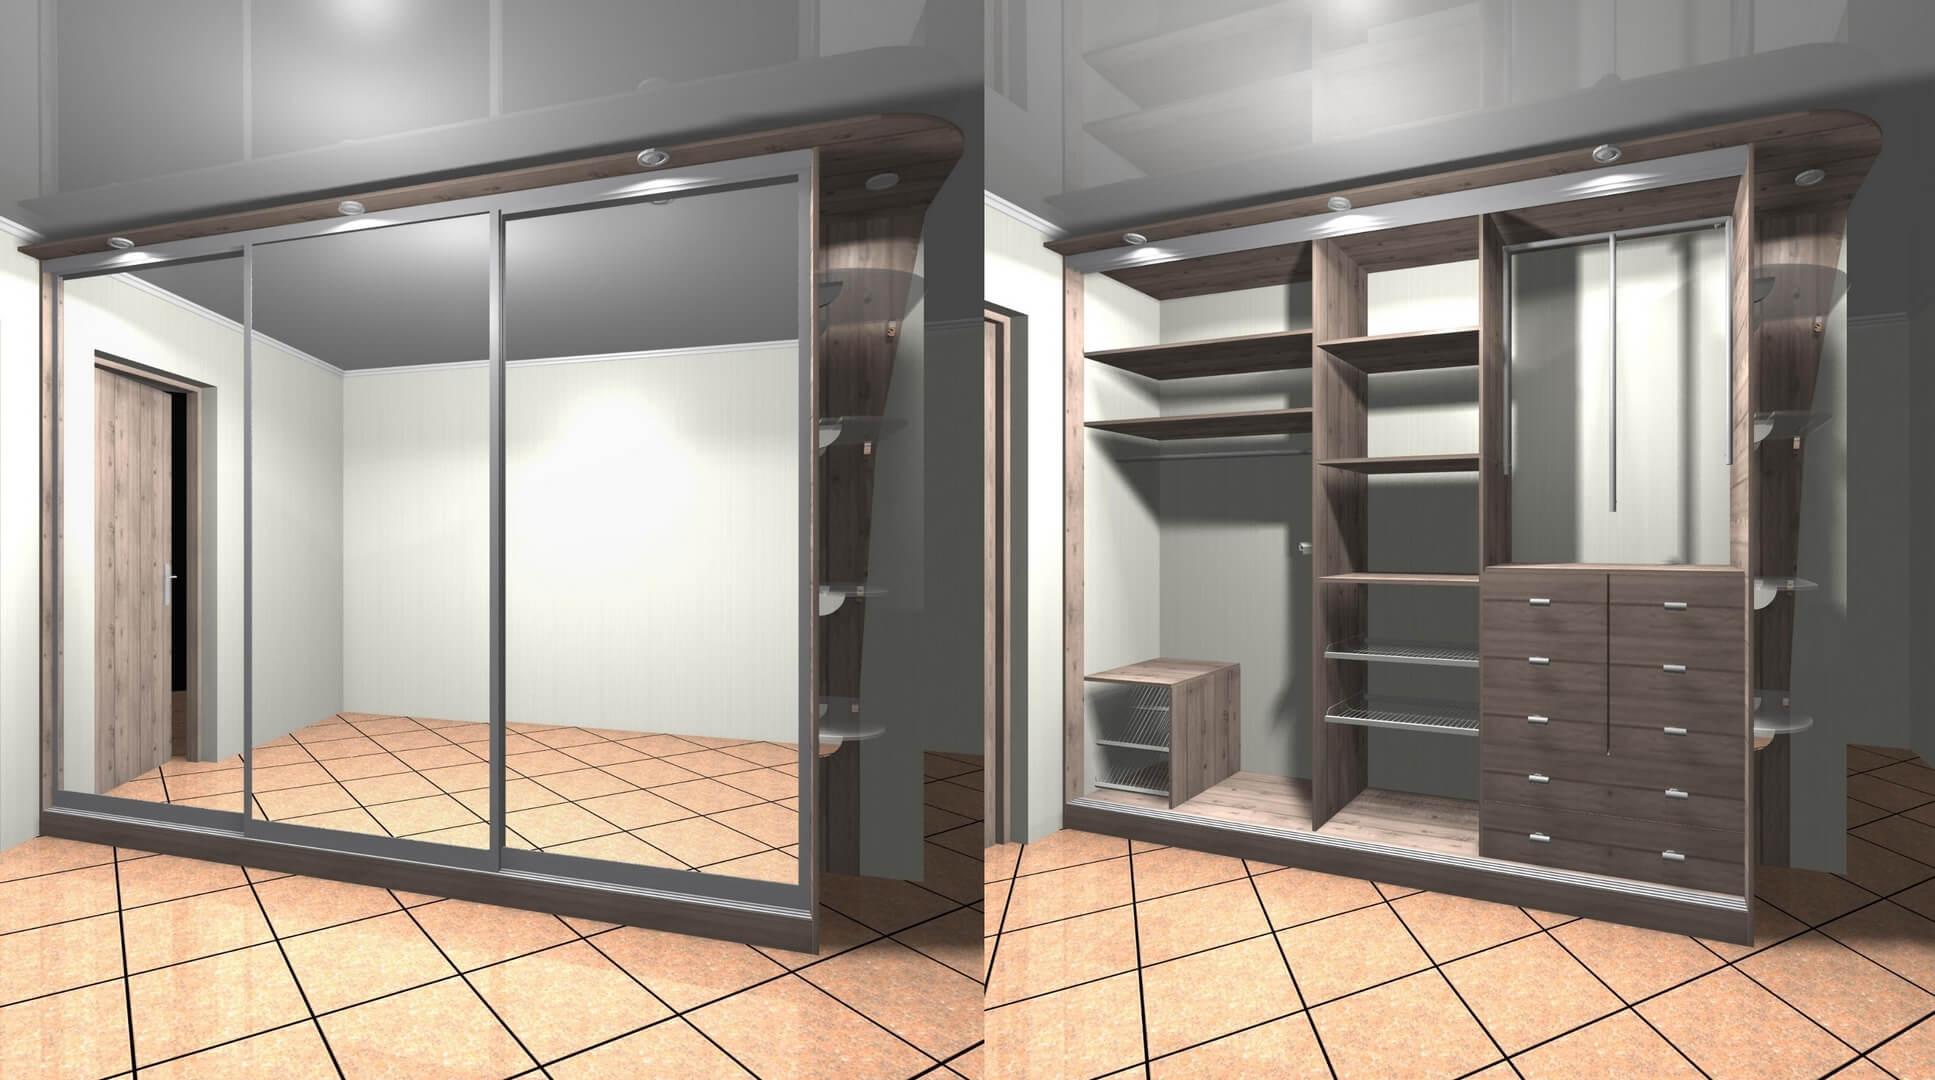 Projekt wnętrza i drzwi do szafy na wymiar do przedpokoju